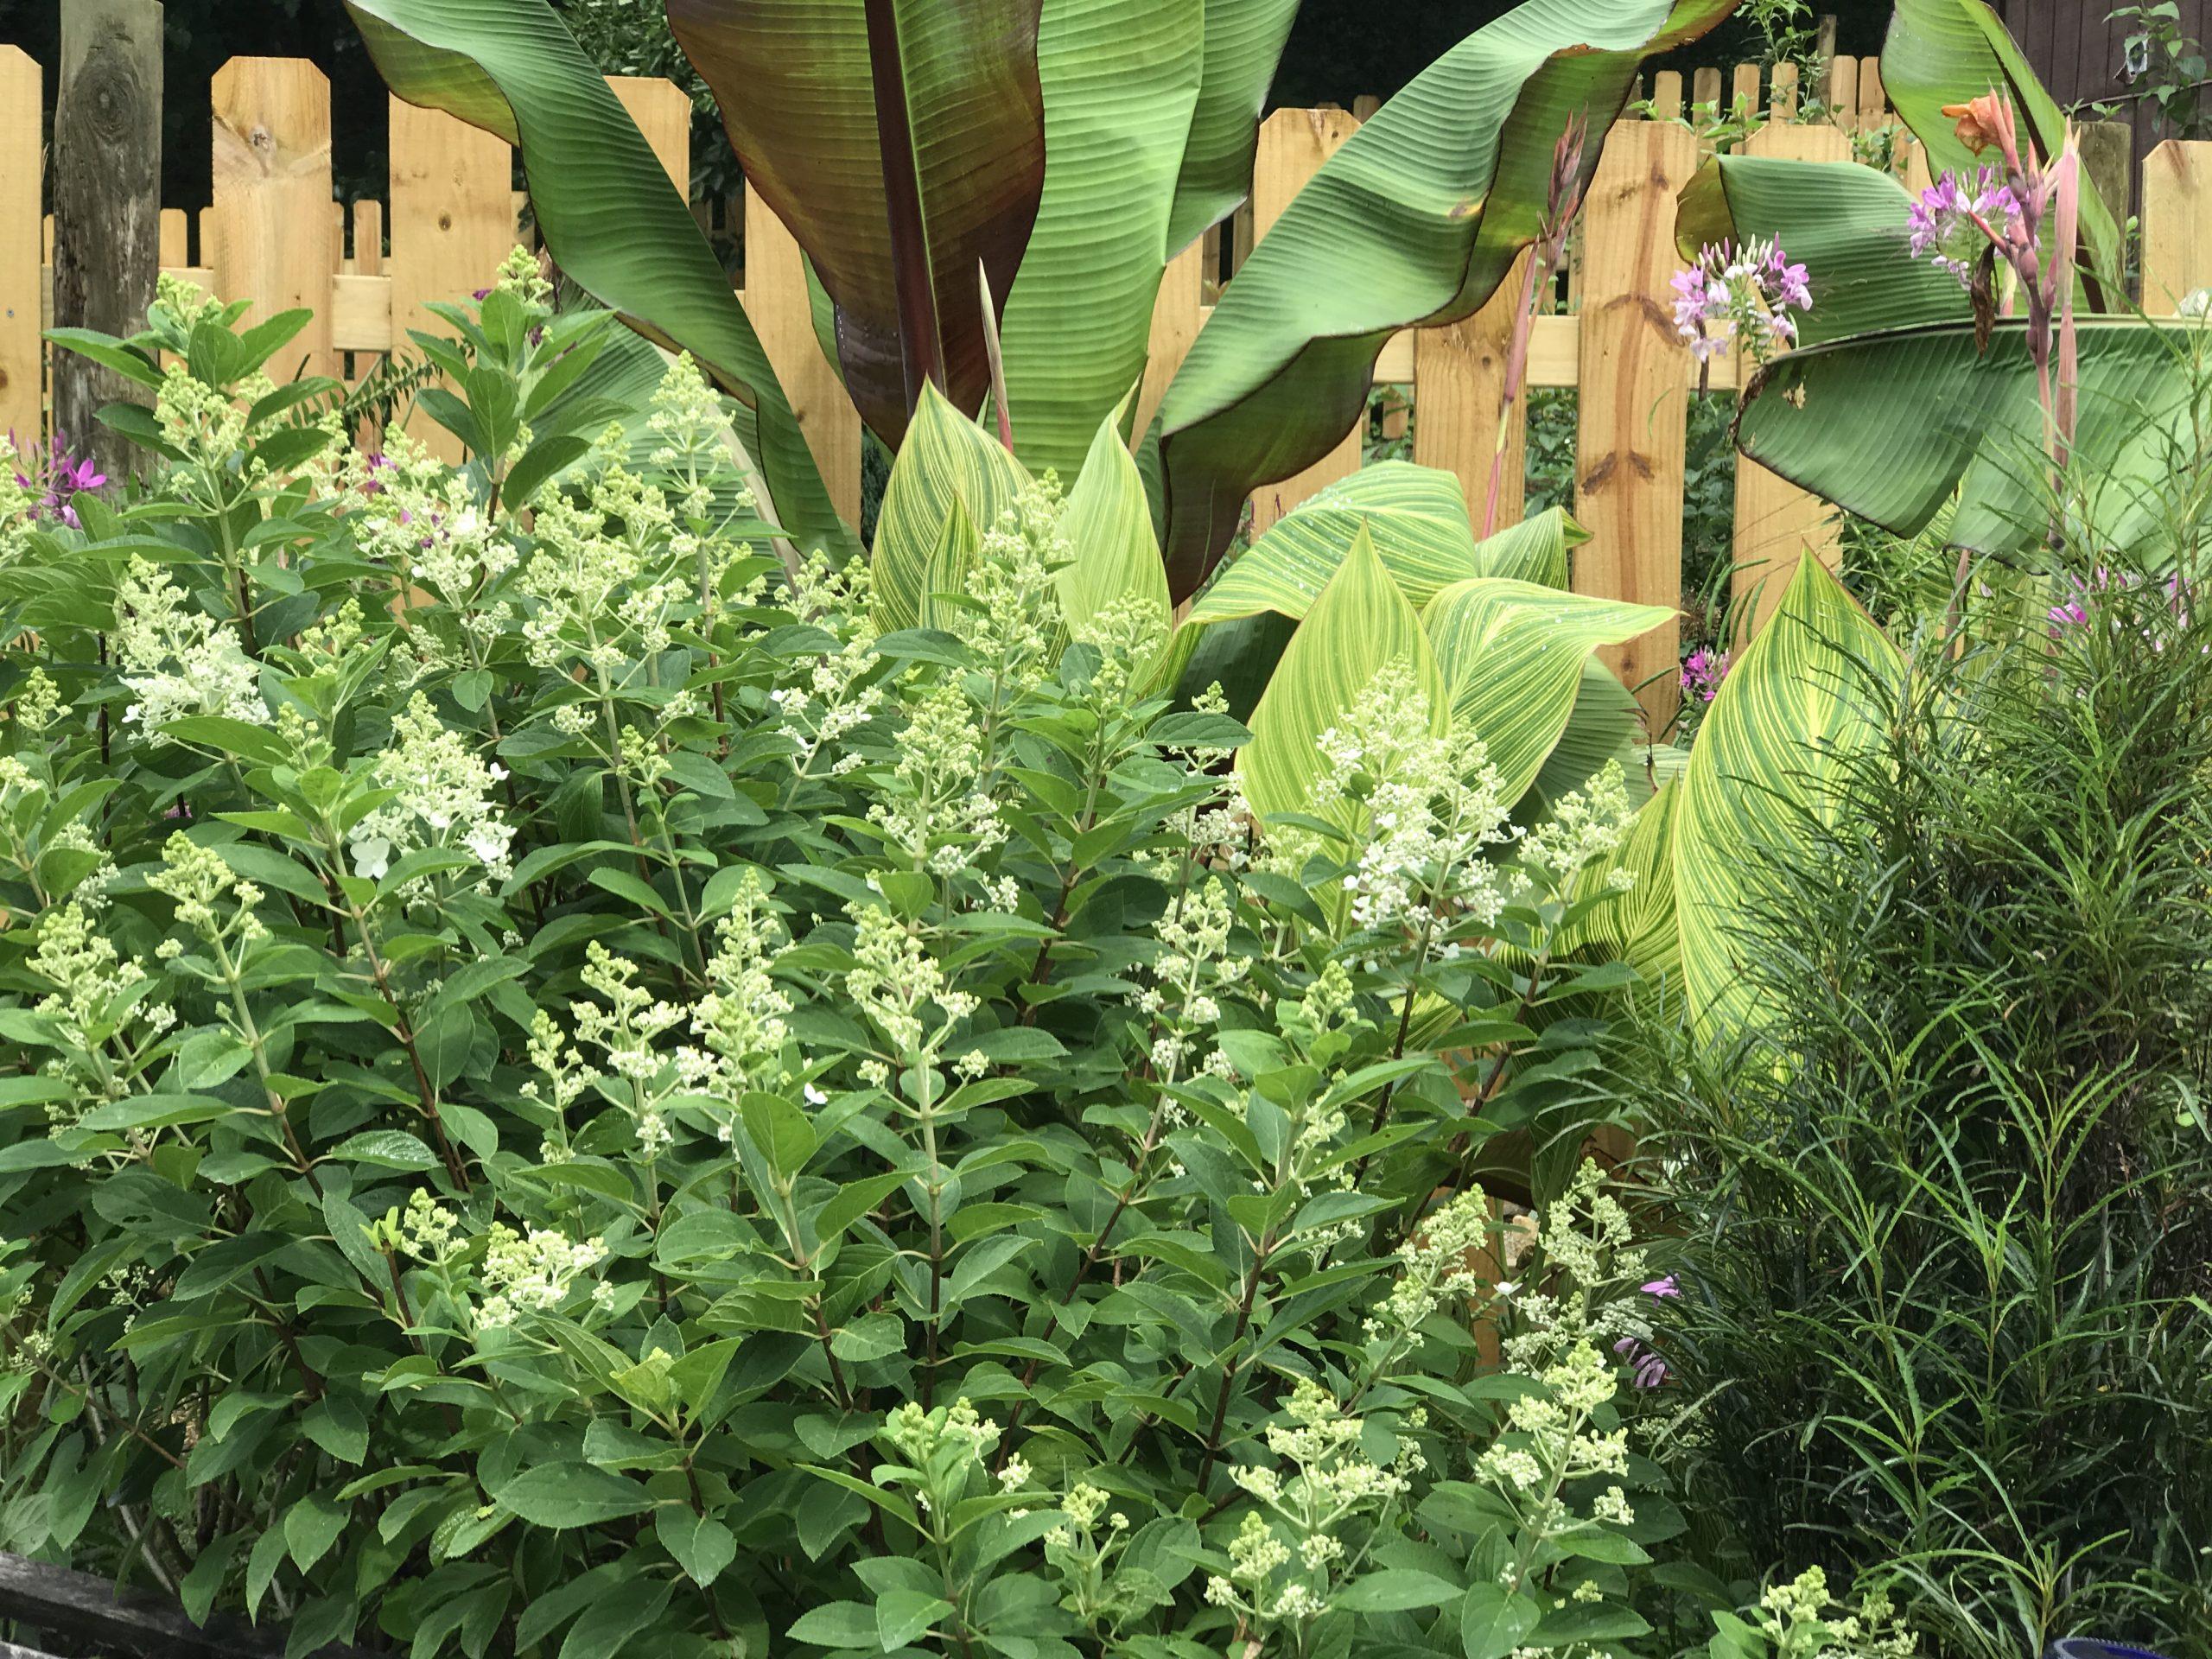 tropicals in garden